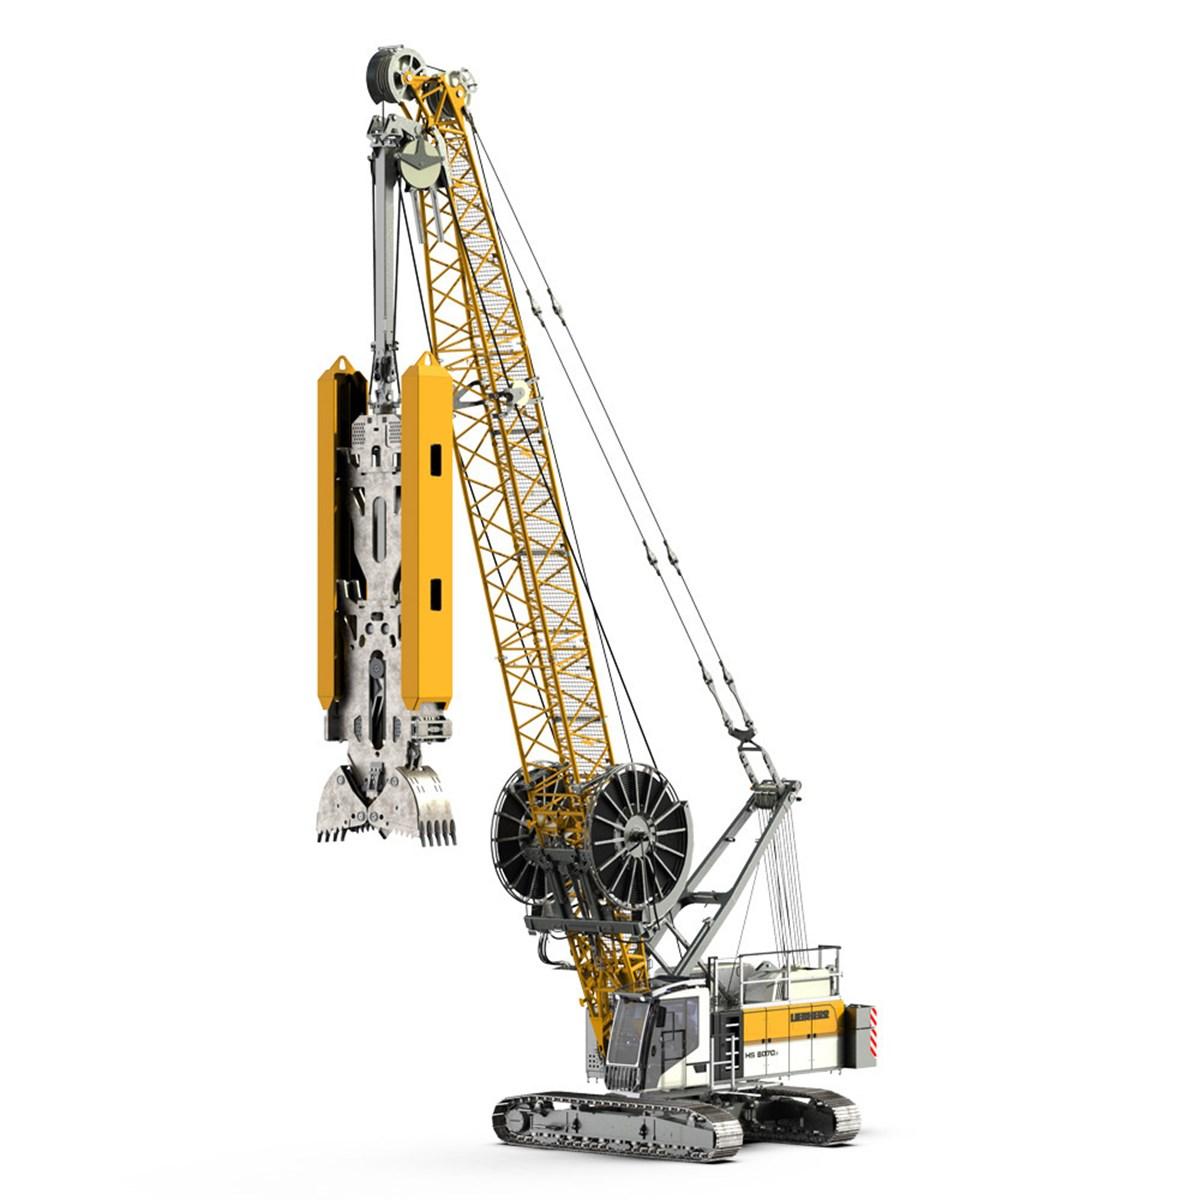 liebherr-hs-8070-1-seilbagger-duty-cycle-crawler-crane-slurry-wall-grab-schl.jpg